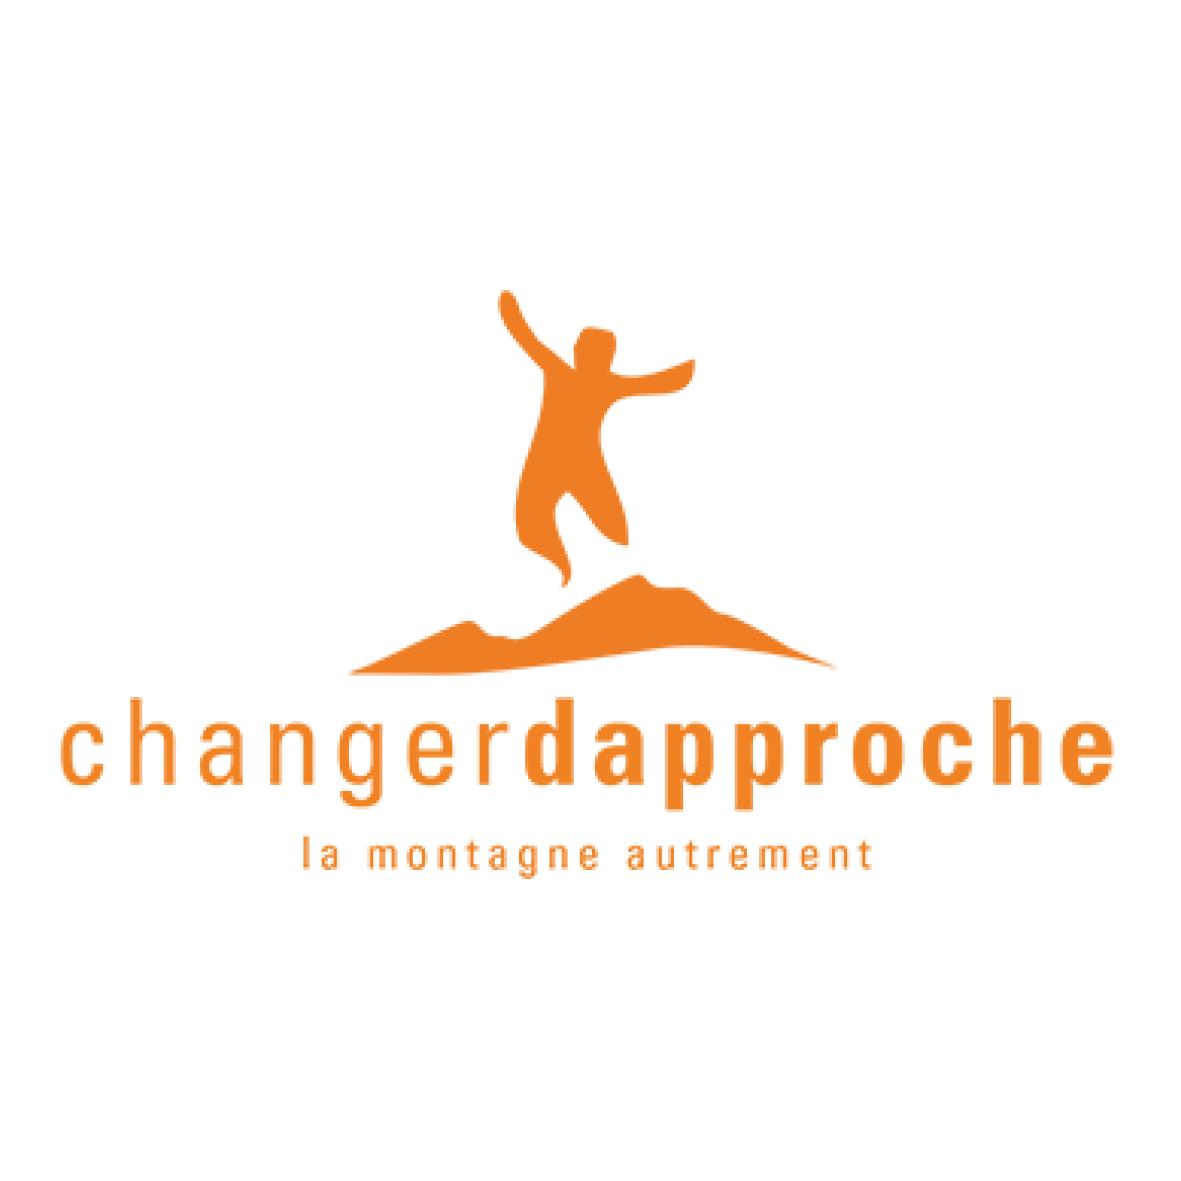 52-CHANGER D'APPROCHE.jpg